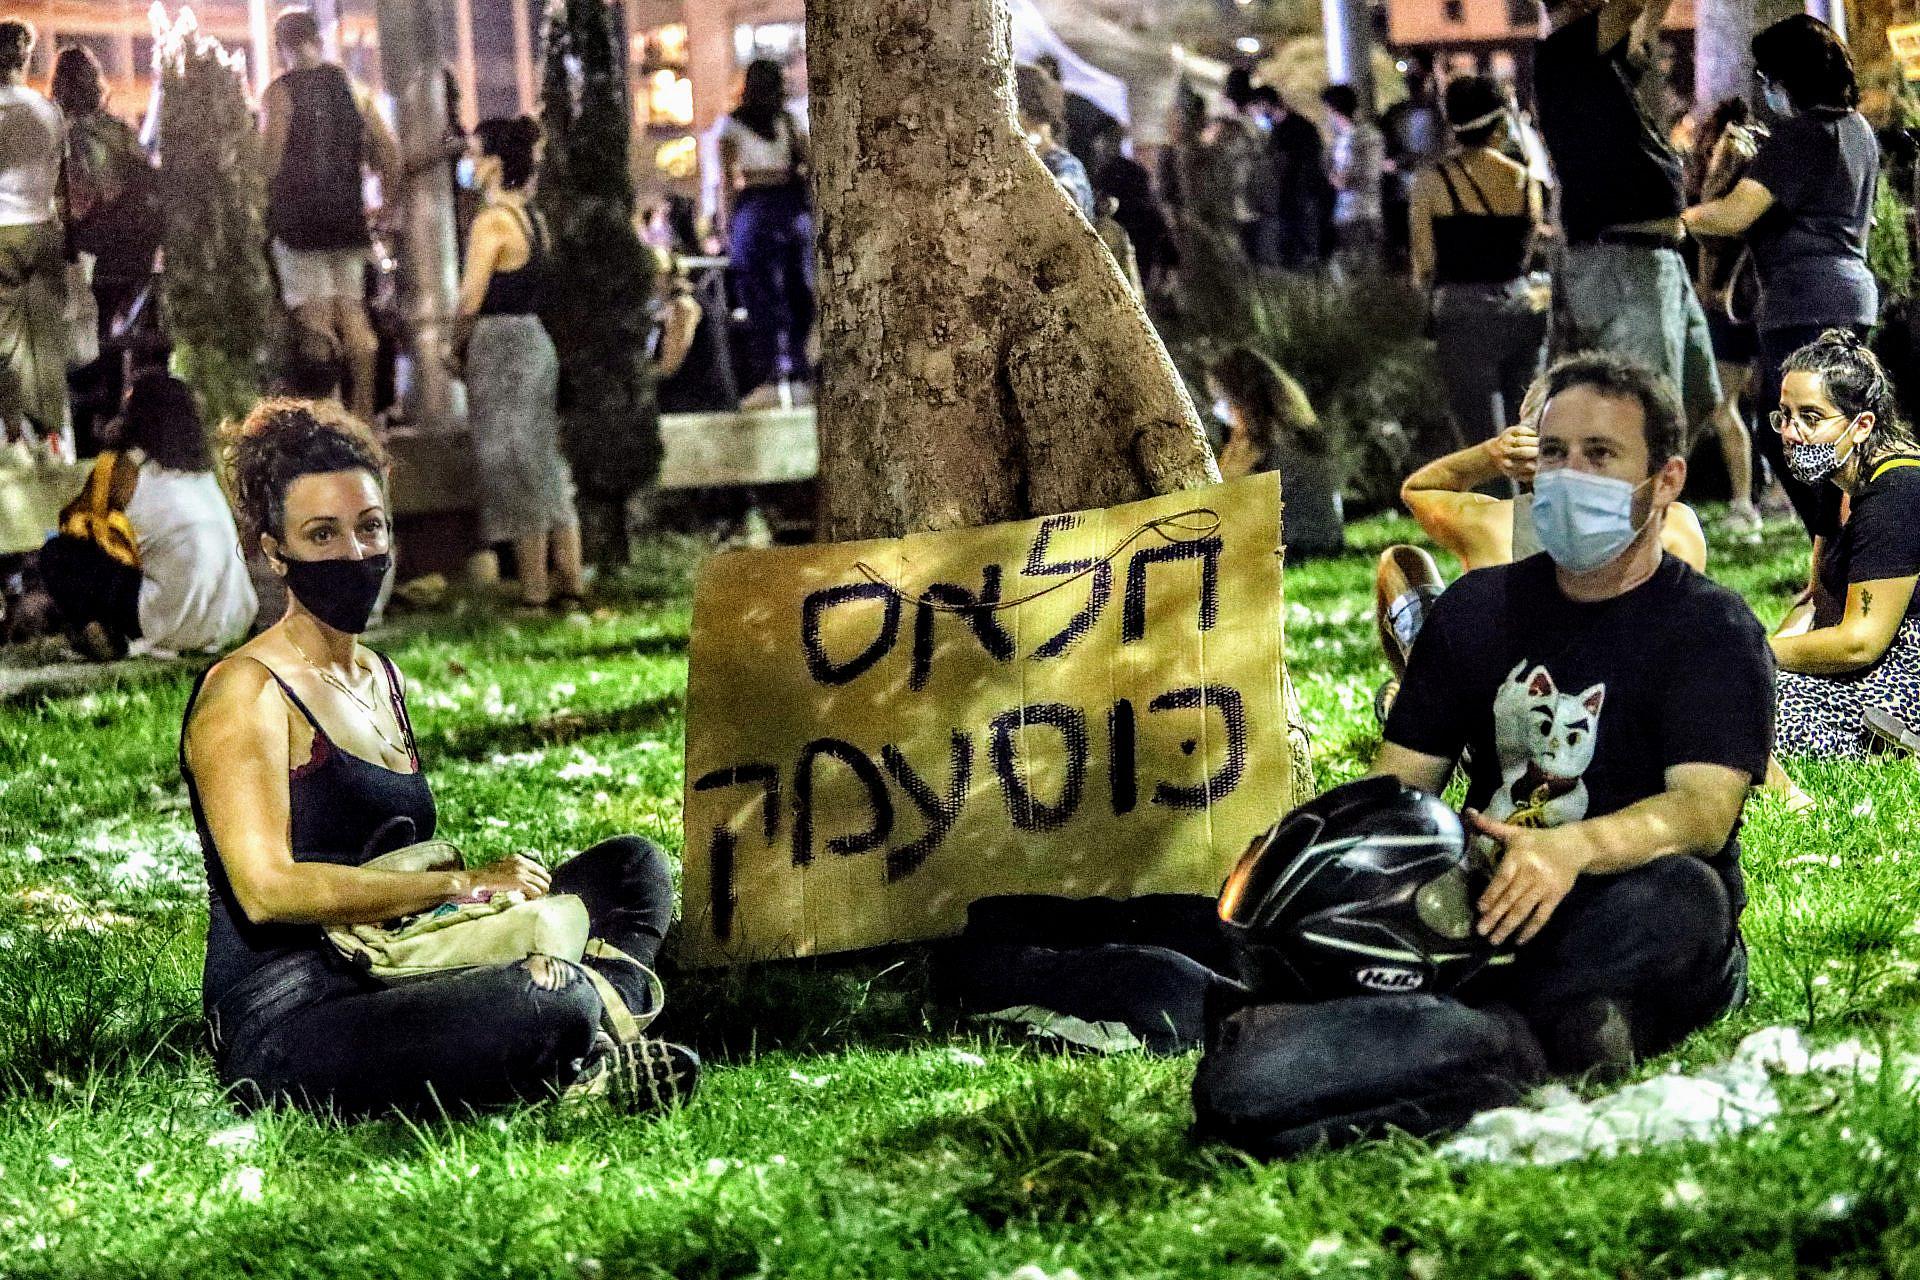 אם אתם בפיקניק ובאים שוטרים תגידו שזו הפגנה (צילום: שלומי יוסף)